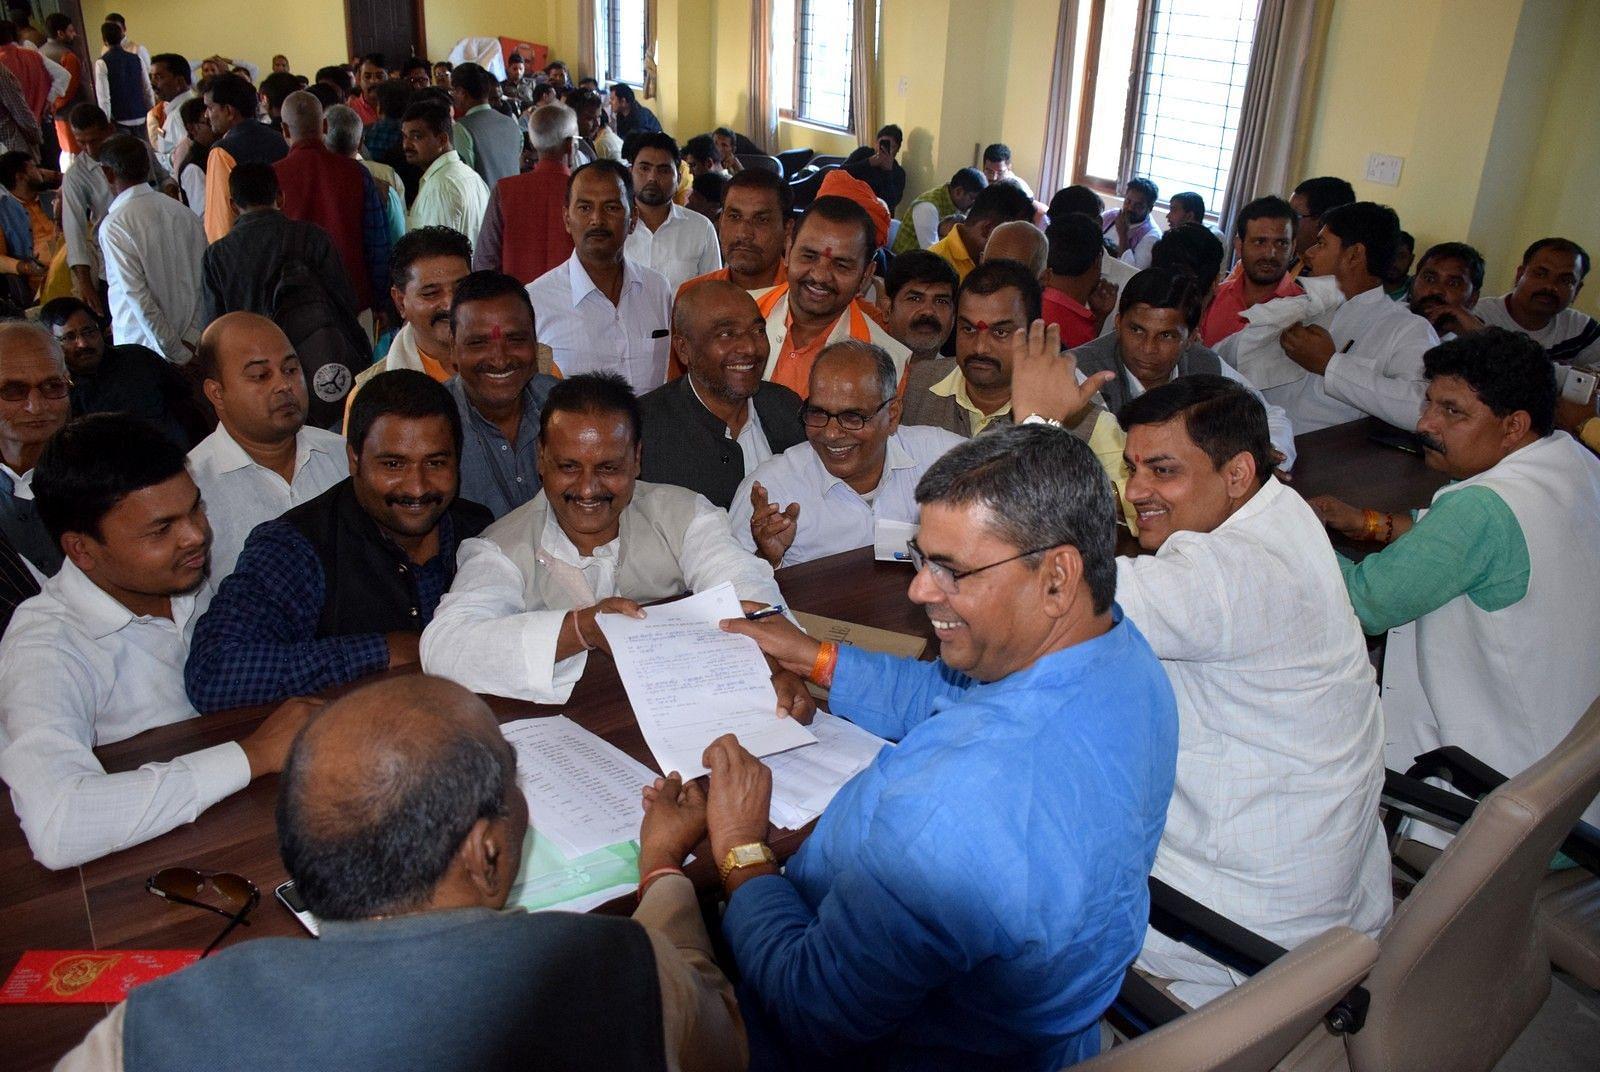 भाजपा कार्यलय पर जिलाध्यक्ष के चुनाव में अध्यक्ष बनने की होड़।